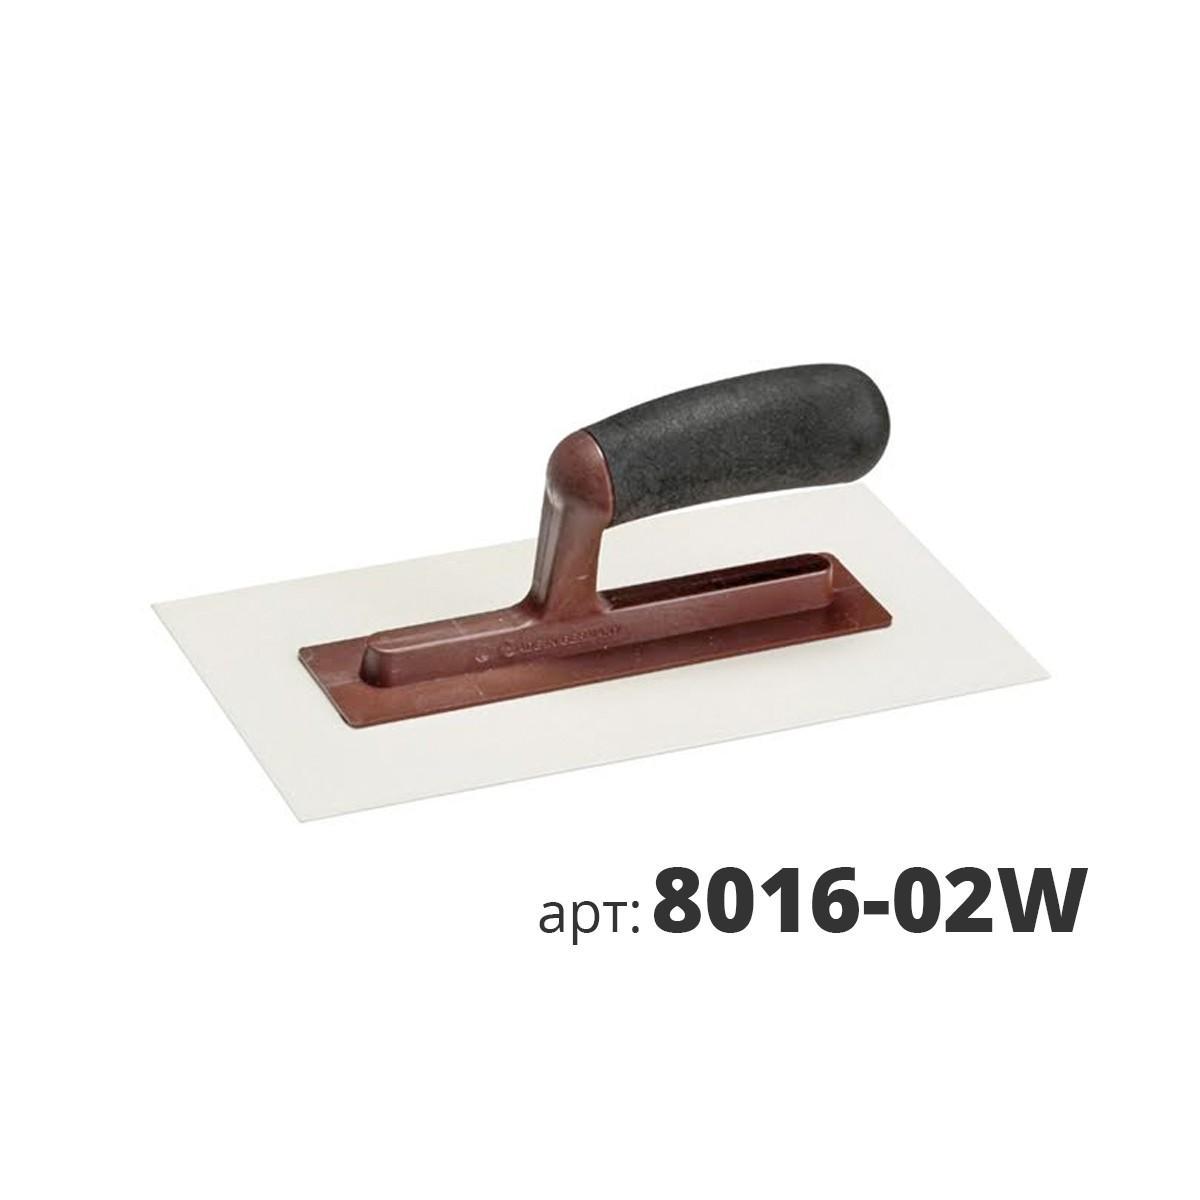 KUHLEN кельма пластиковая прямоугольная 8016-02W